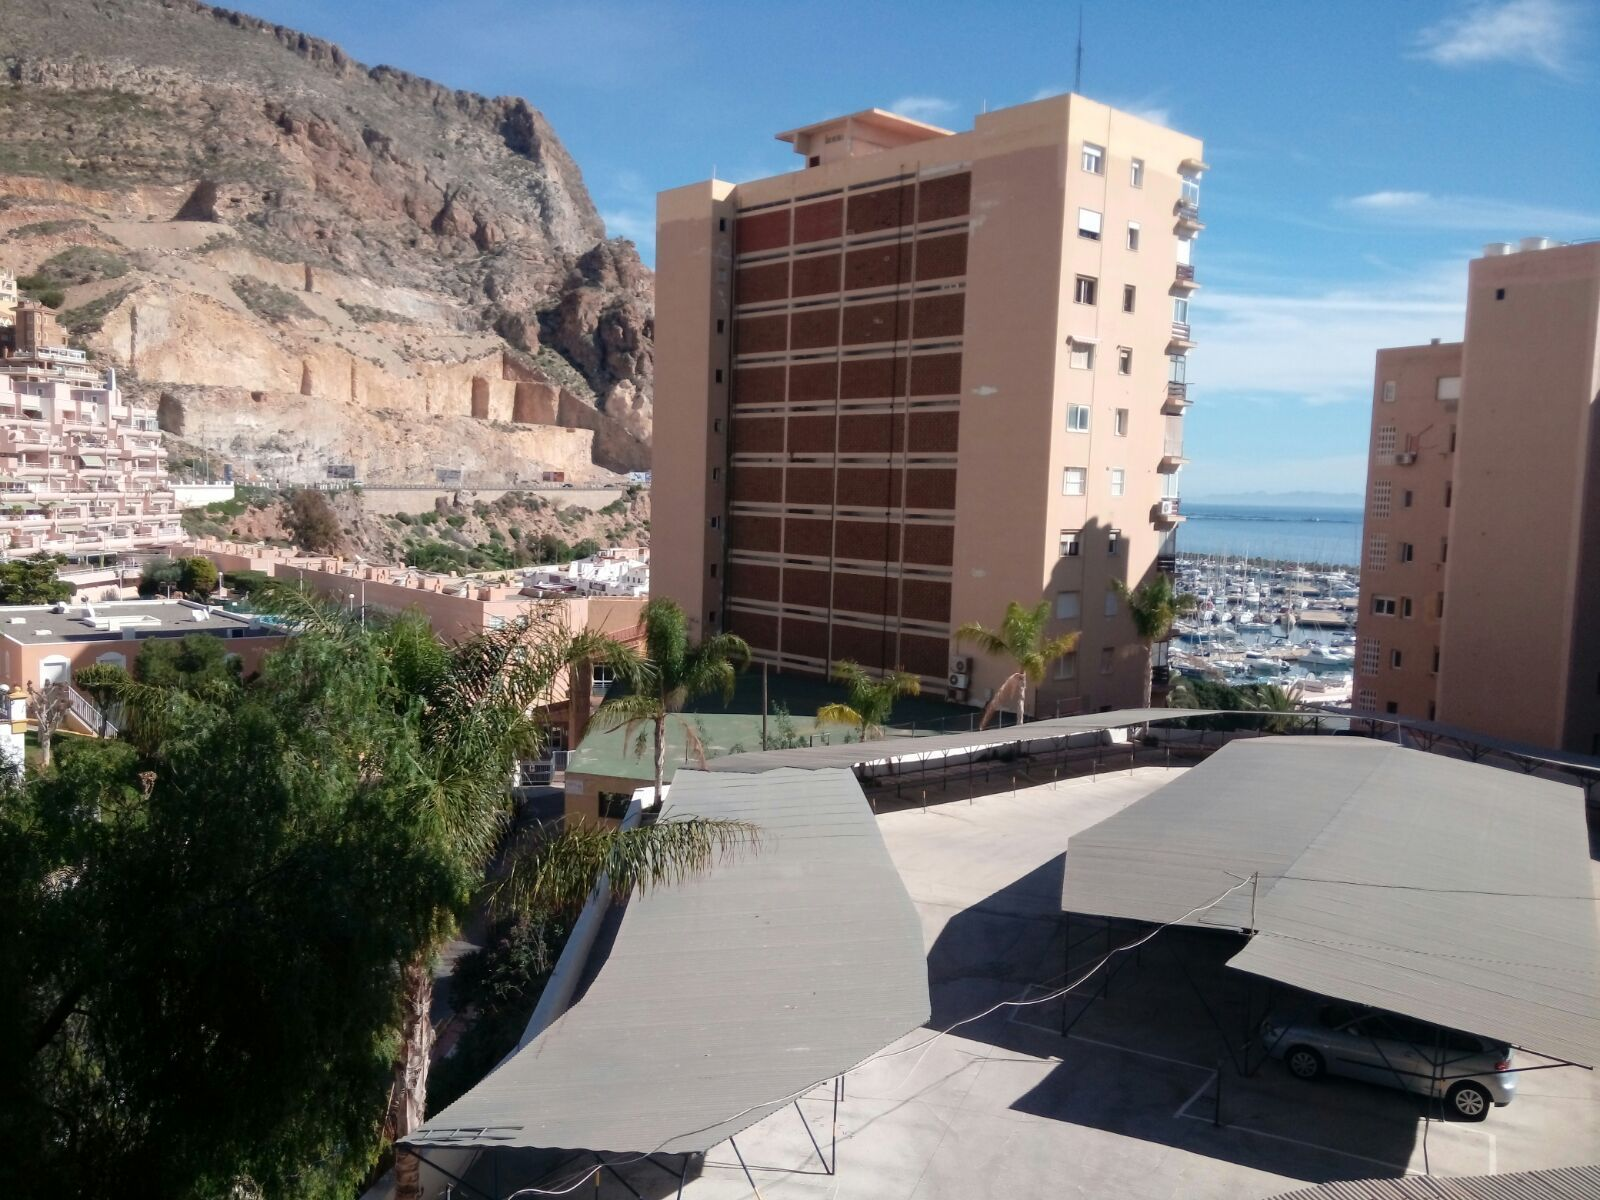 Apartamento ideal en Aguadulce para 4 personas